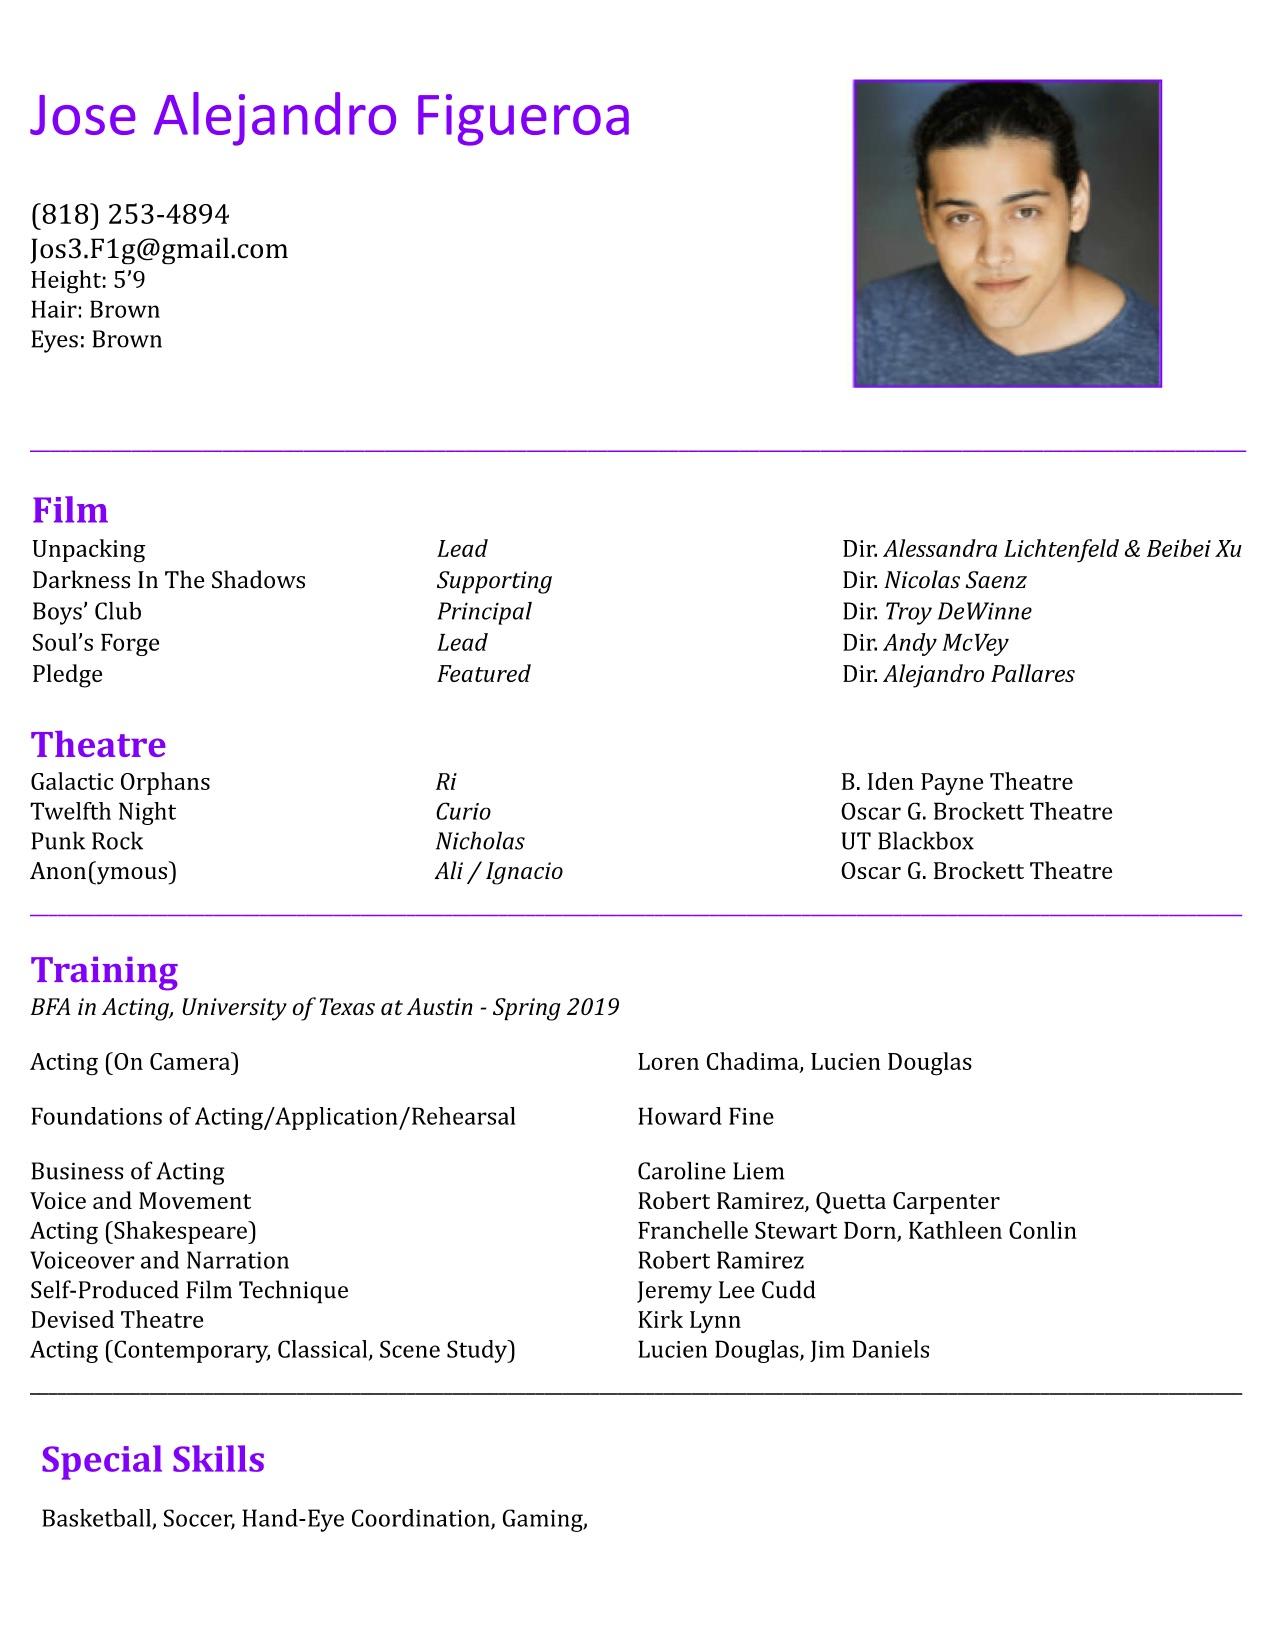 Jose Resume.jpg